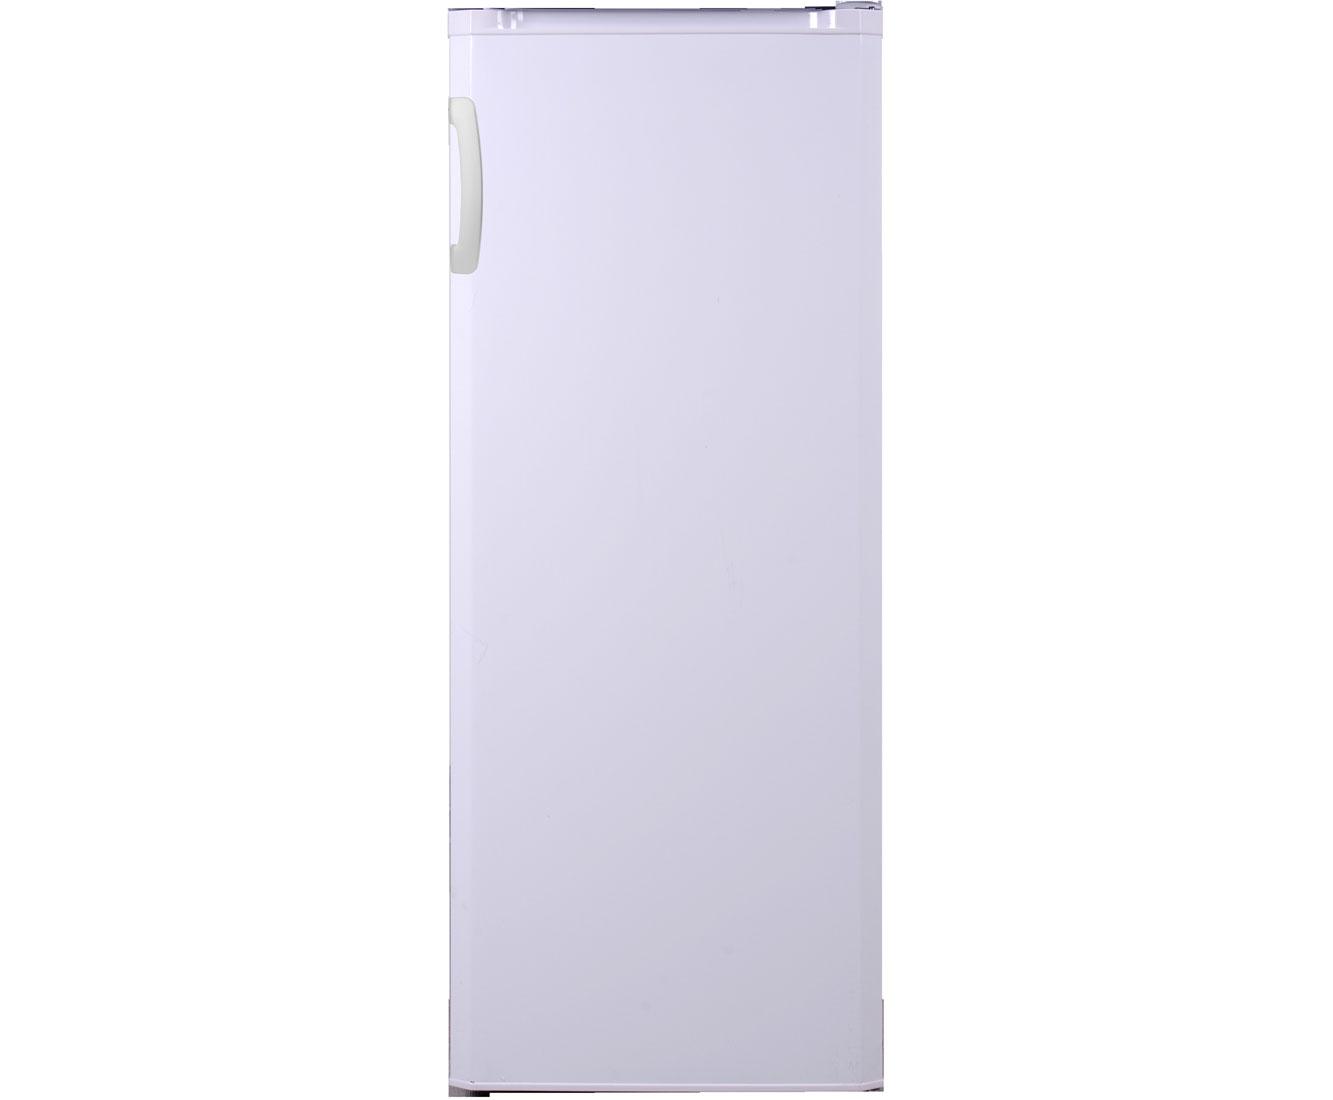 Retro Kühlschrank Weiss : Wolkenstein retro kühlschrank weiß: bosch kuehlschrank ksl20s55